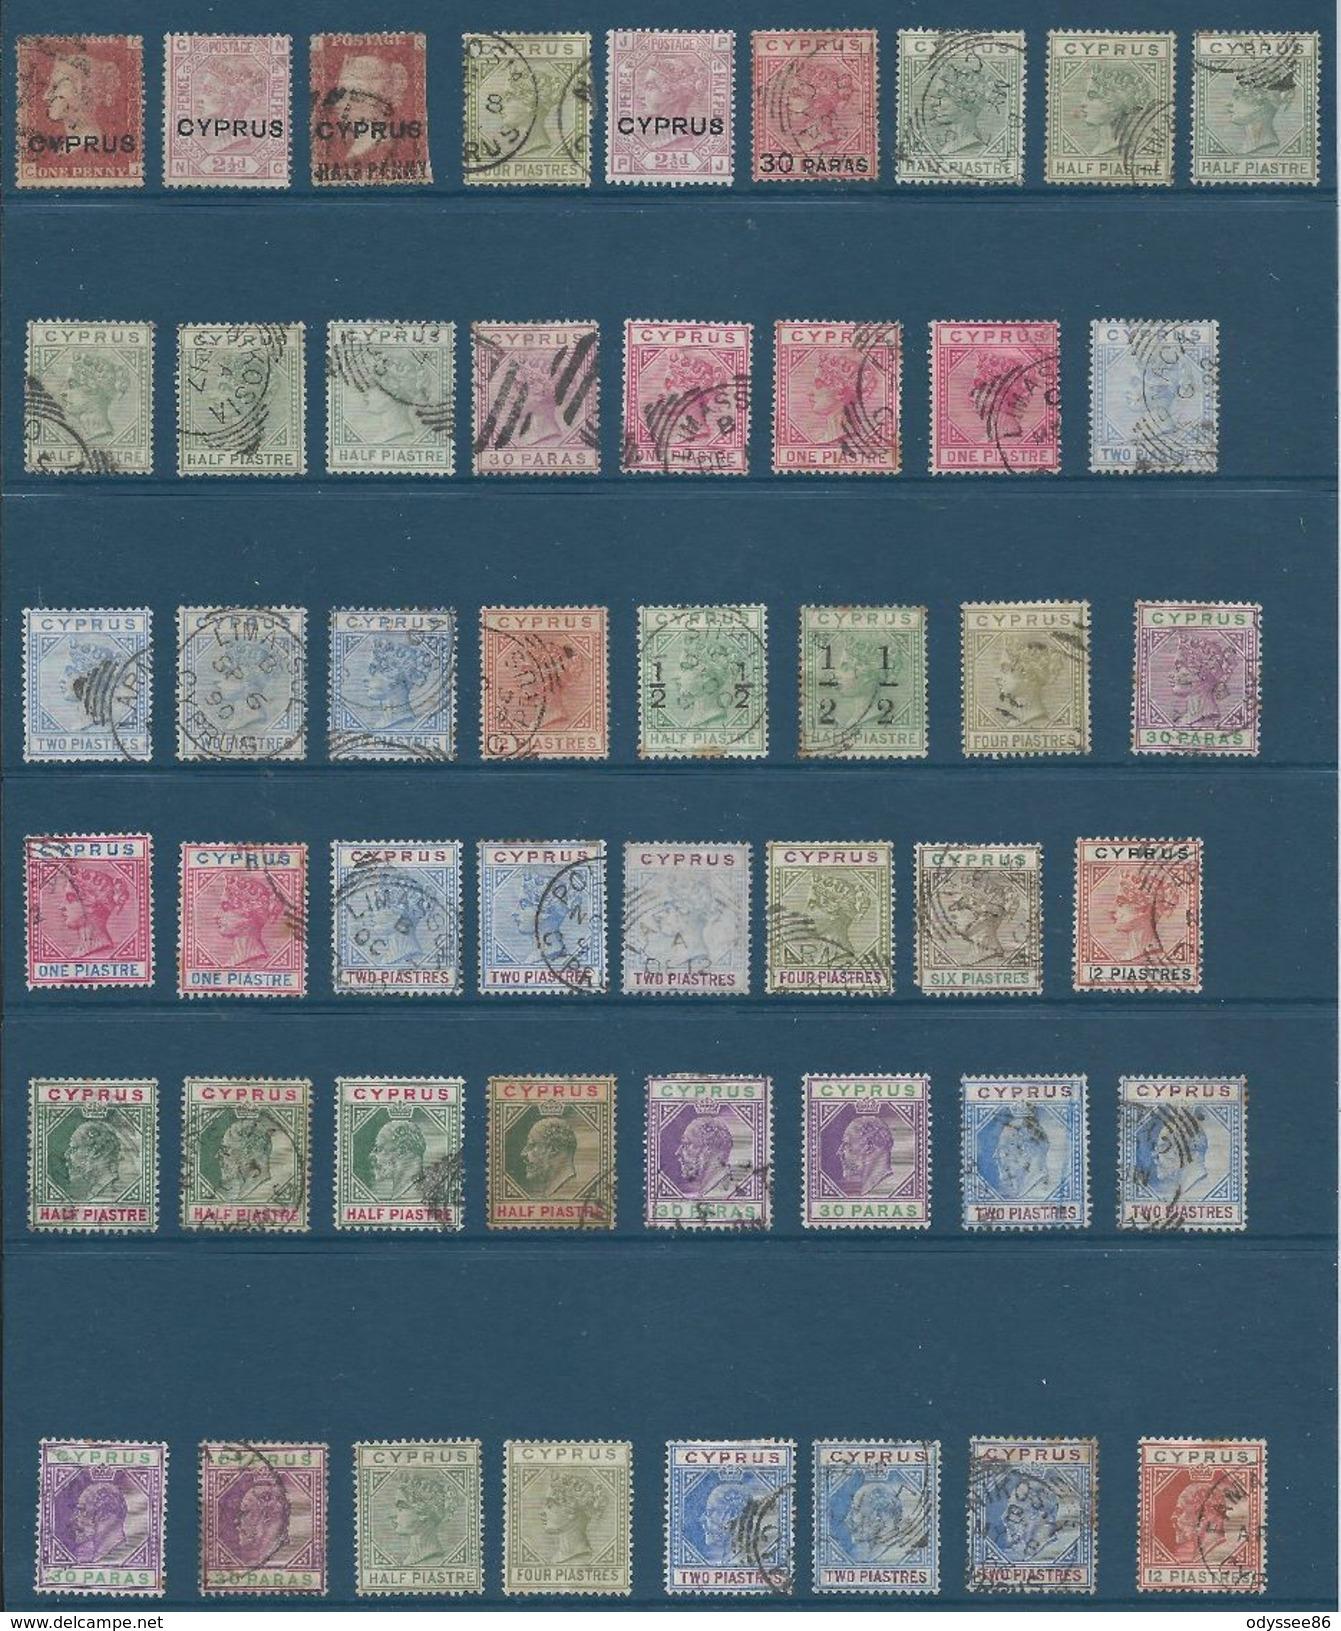 CHYPRE - CYPRUS - COLONIE Britannique - Superbe Lot Principalement Oblitéré - TTB Etat Dans L'ensemble - De Bonnes Cotes - Chypre (...-1960)